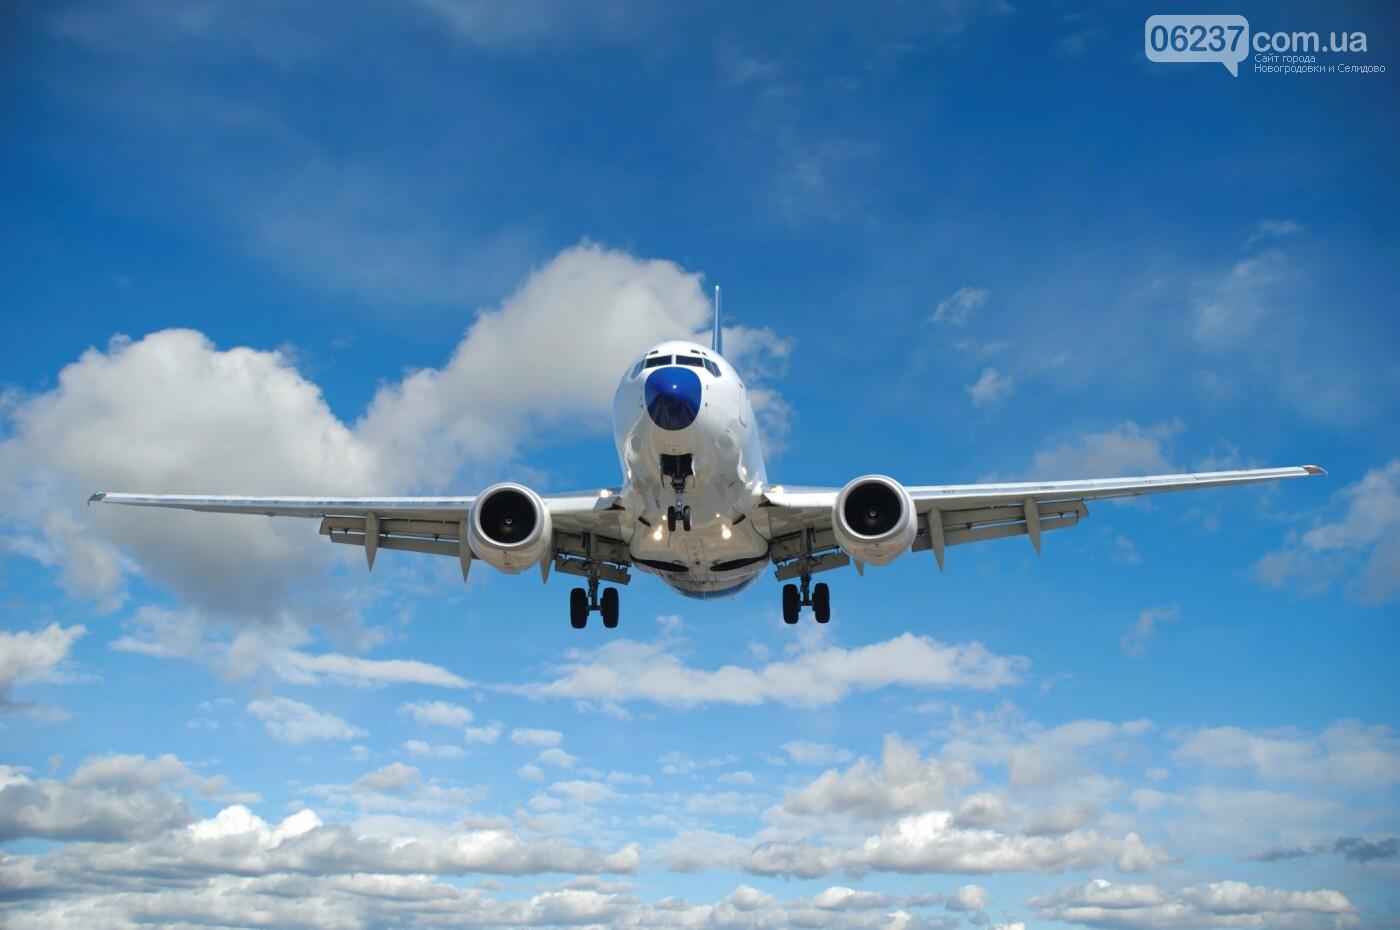 Украина открыла небо для российского самолета, фото-1